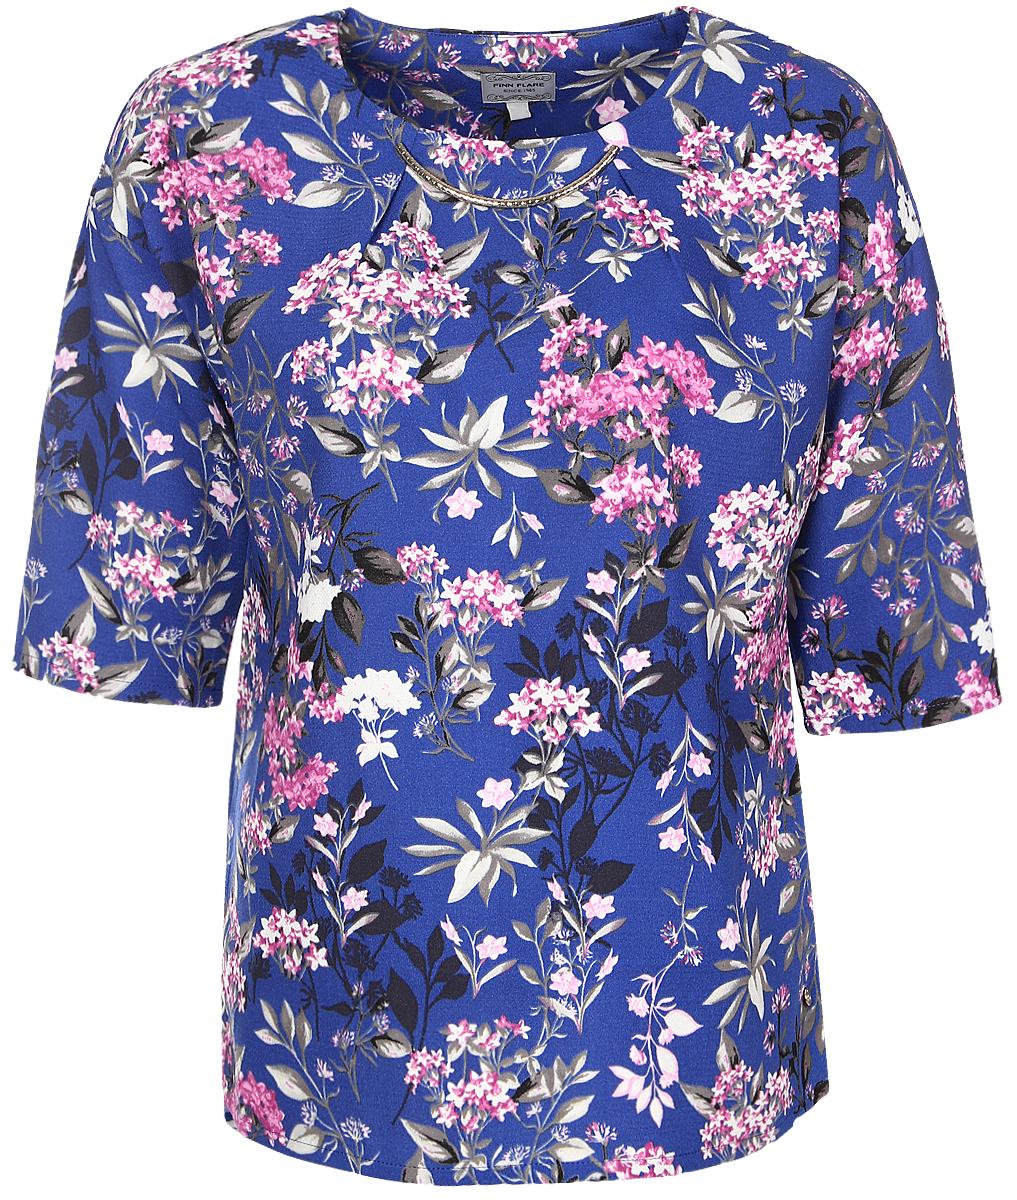 БлузкаB17-11075_103Женская блуза Finn Flare с рукавами до локтя и круглым вырезом горловины выполнена из 100% полиэстера. Блузка имеет свободный крой. Модель оформлена крупным металлическим декоративным элементом под горловиной и украшена оригинальным цветочным принтом.